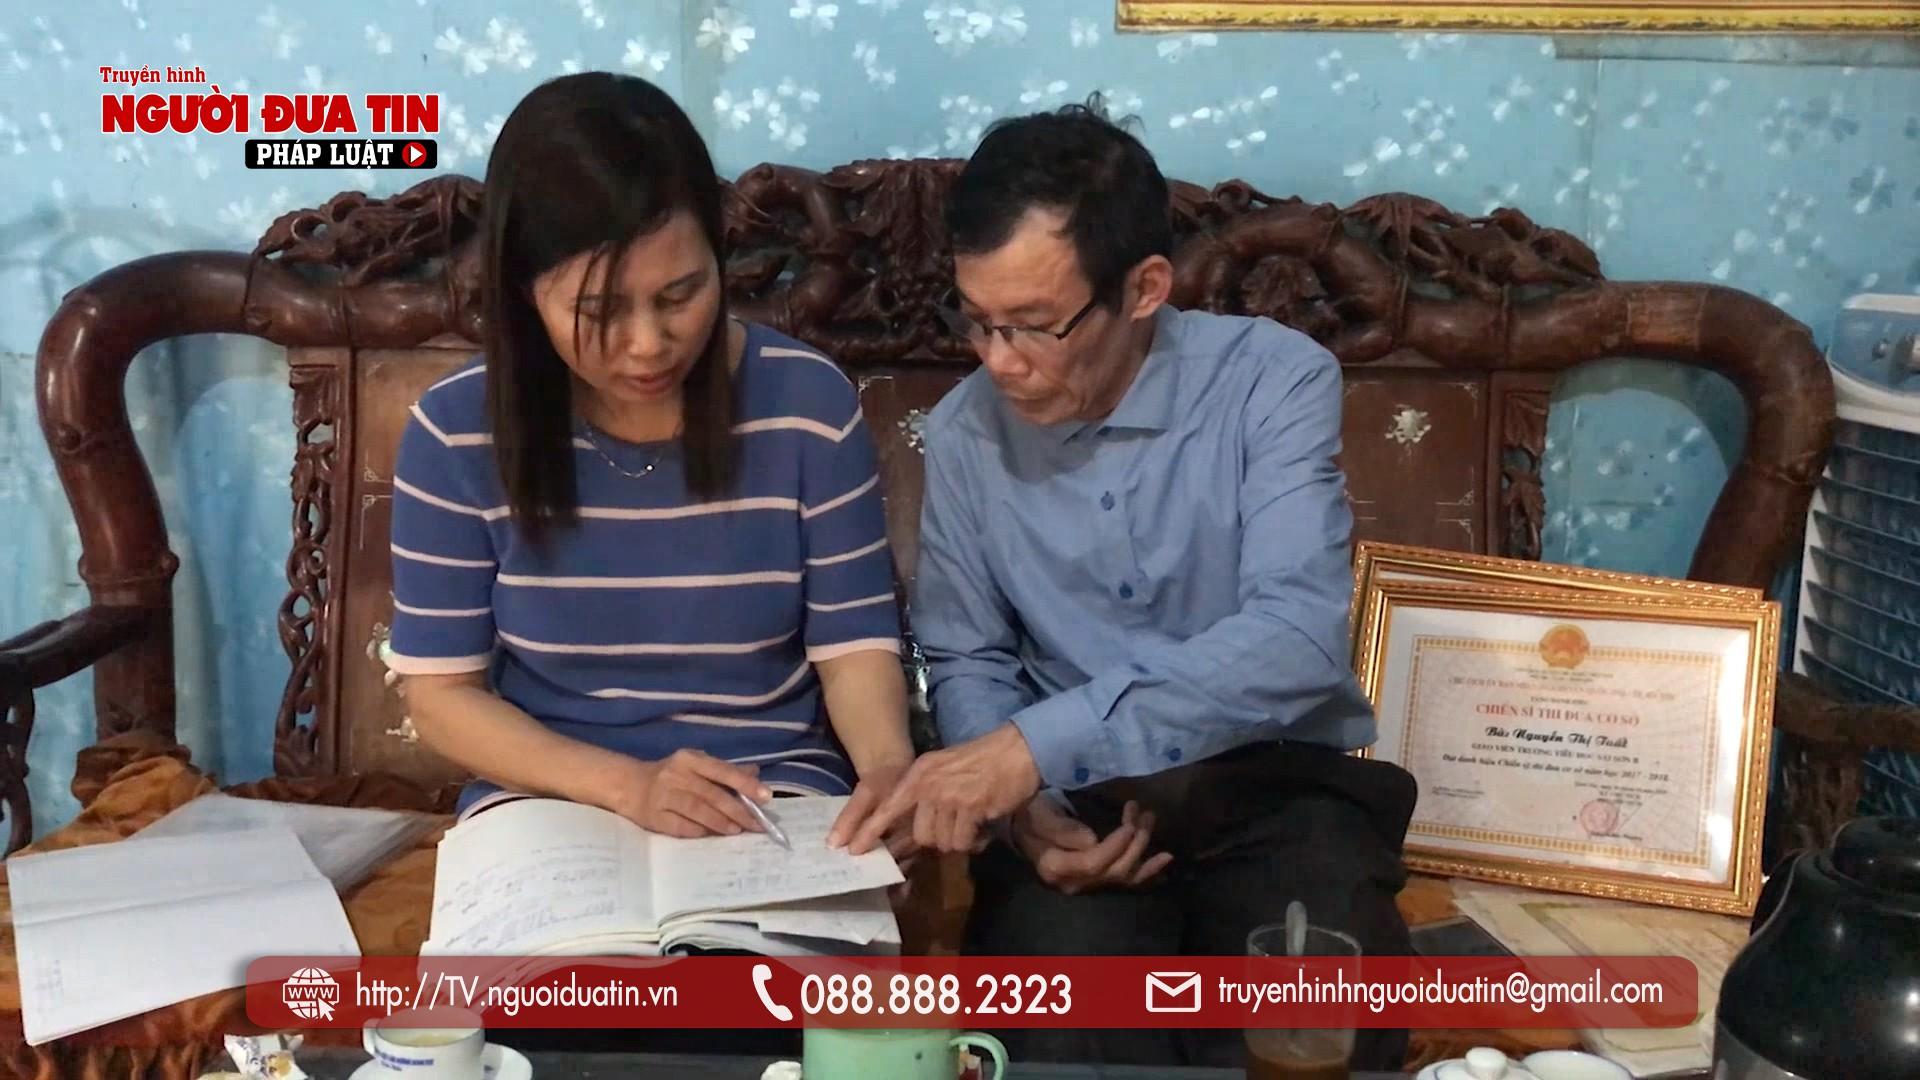 Chống tiêu cực, hai giáo viên ở Hà Nội kêu cứu vì bị cấp trên trù dập - Ảnh 1.